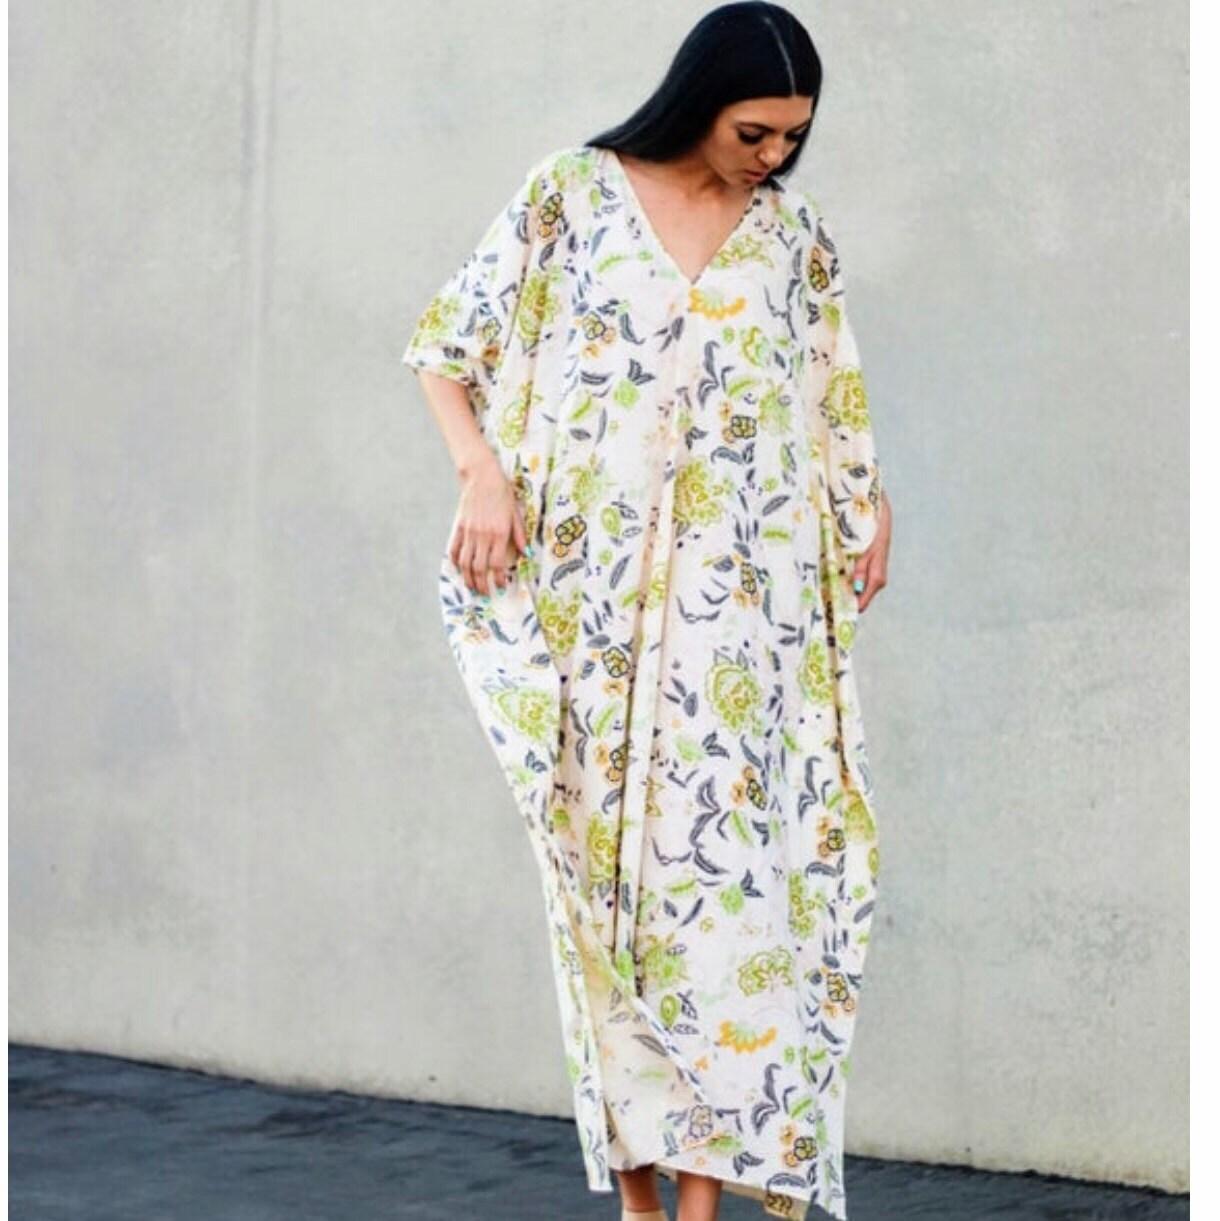 Handmade Kaftan,Cotton Kaftan,caftan,Resort wear,Cotton sleepwear,loungewear,Swim cover up,cotton nightwear,boho dress,gifts for her